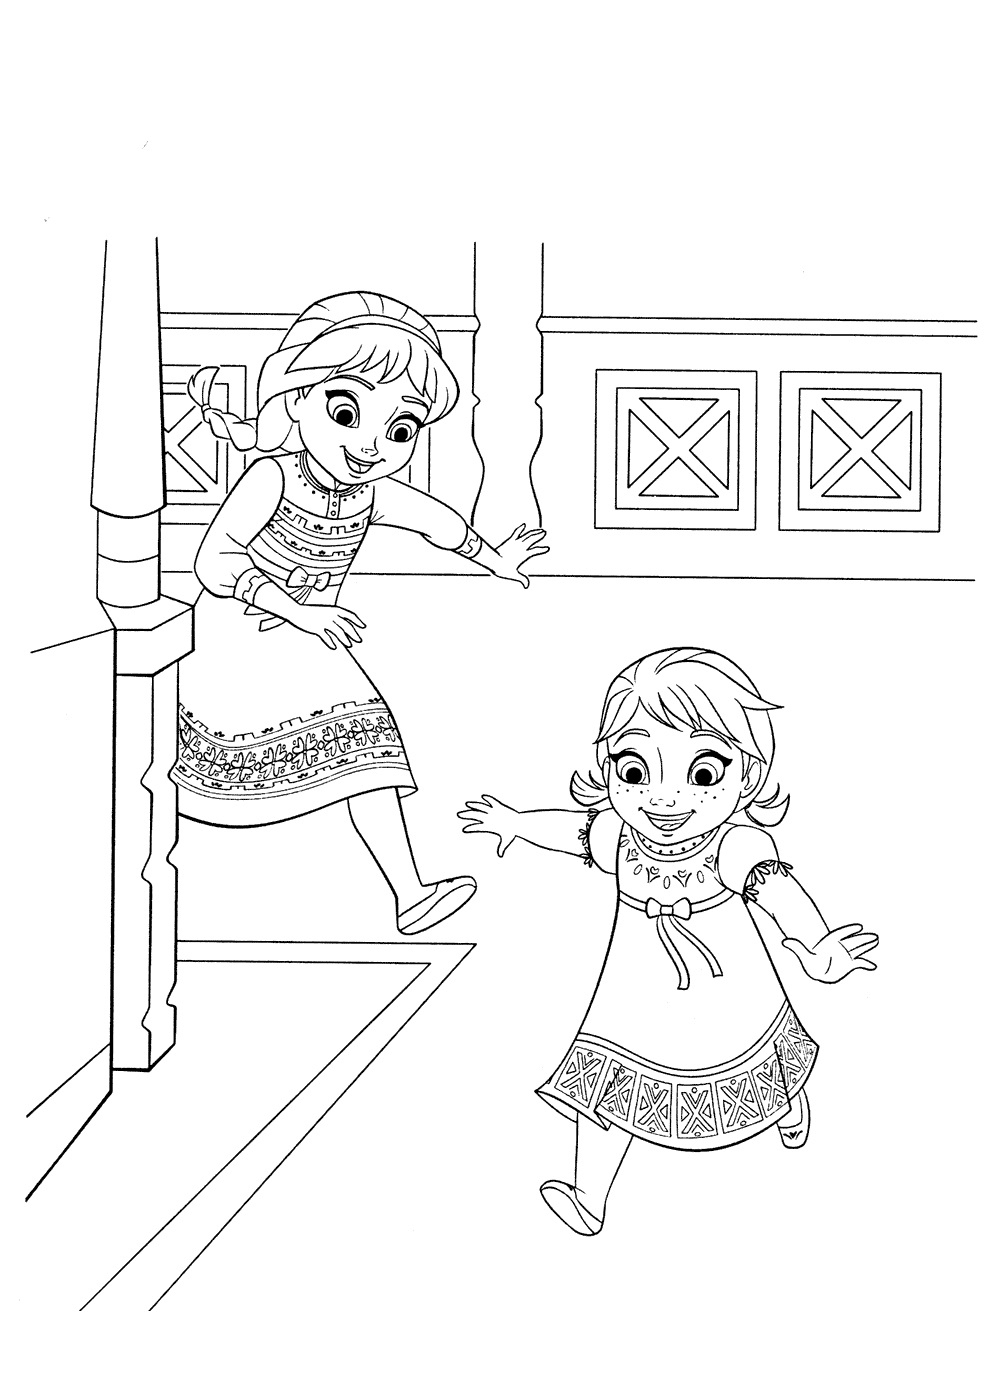 Ausmalbilder Elsa. Kostenlos Drucken, 60 Bilder Für Mädchen über Anna Und Elsa Ausmalbilder Zum Ausdrucken